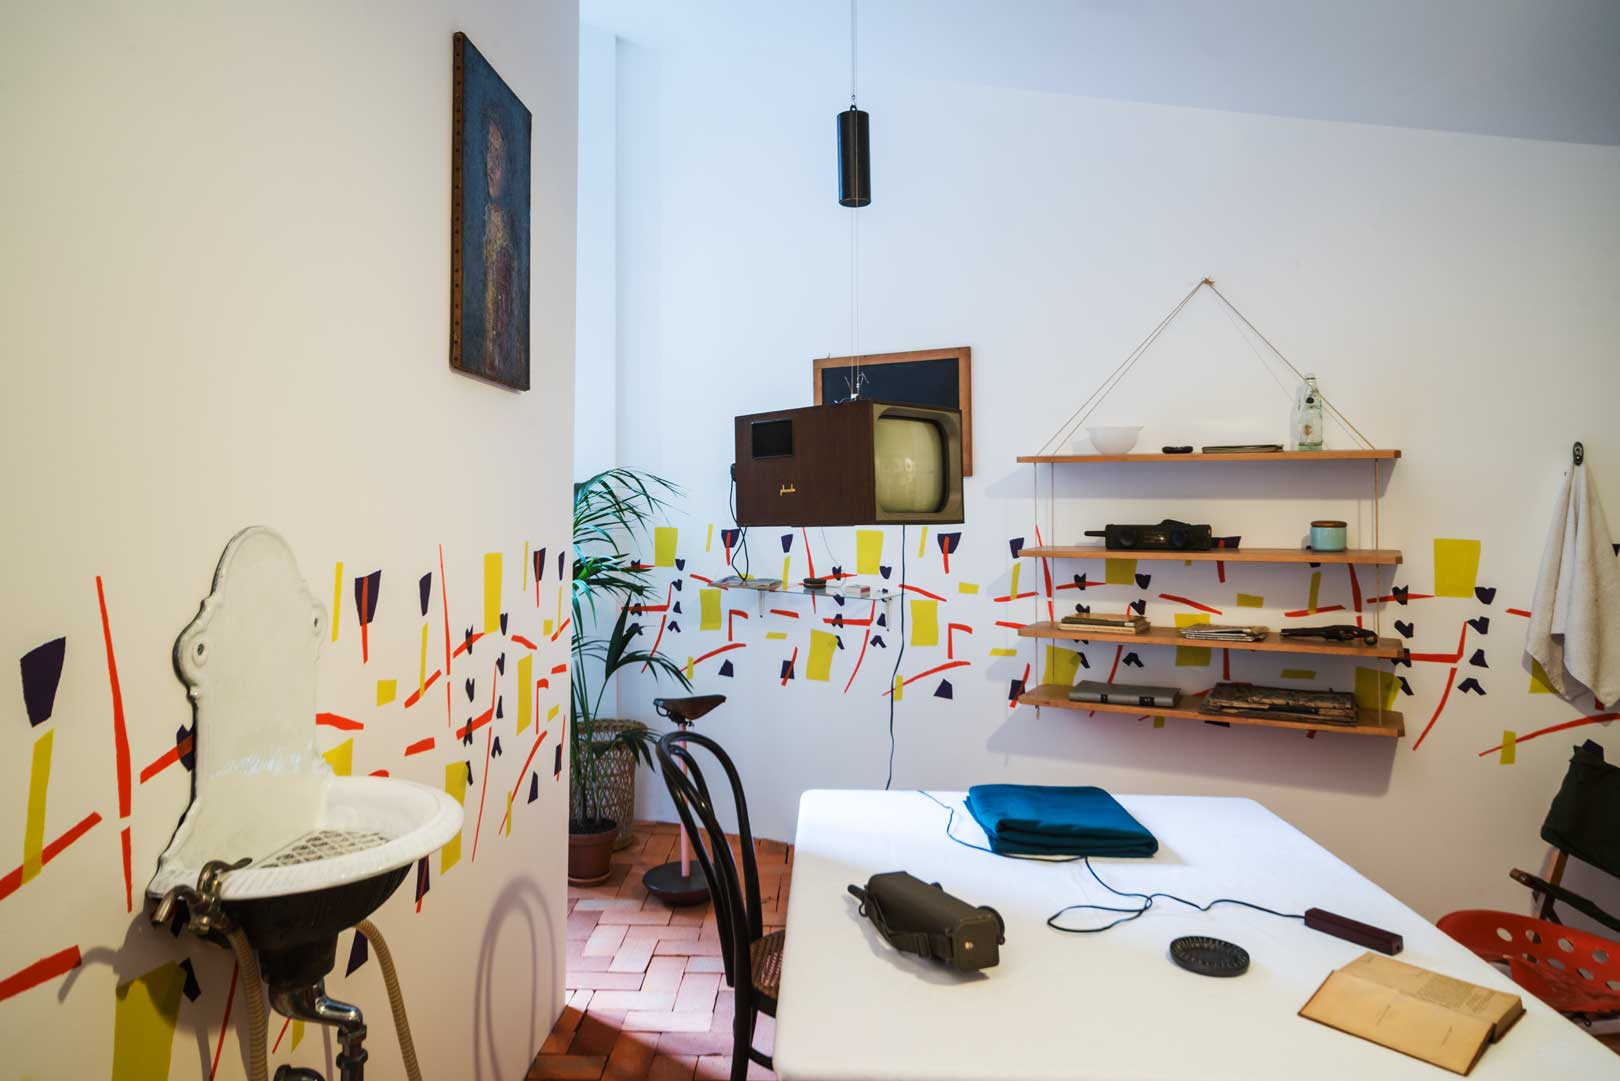 The achille castiglioni studio museum flawless milano - Tavolo castiglioni ...